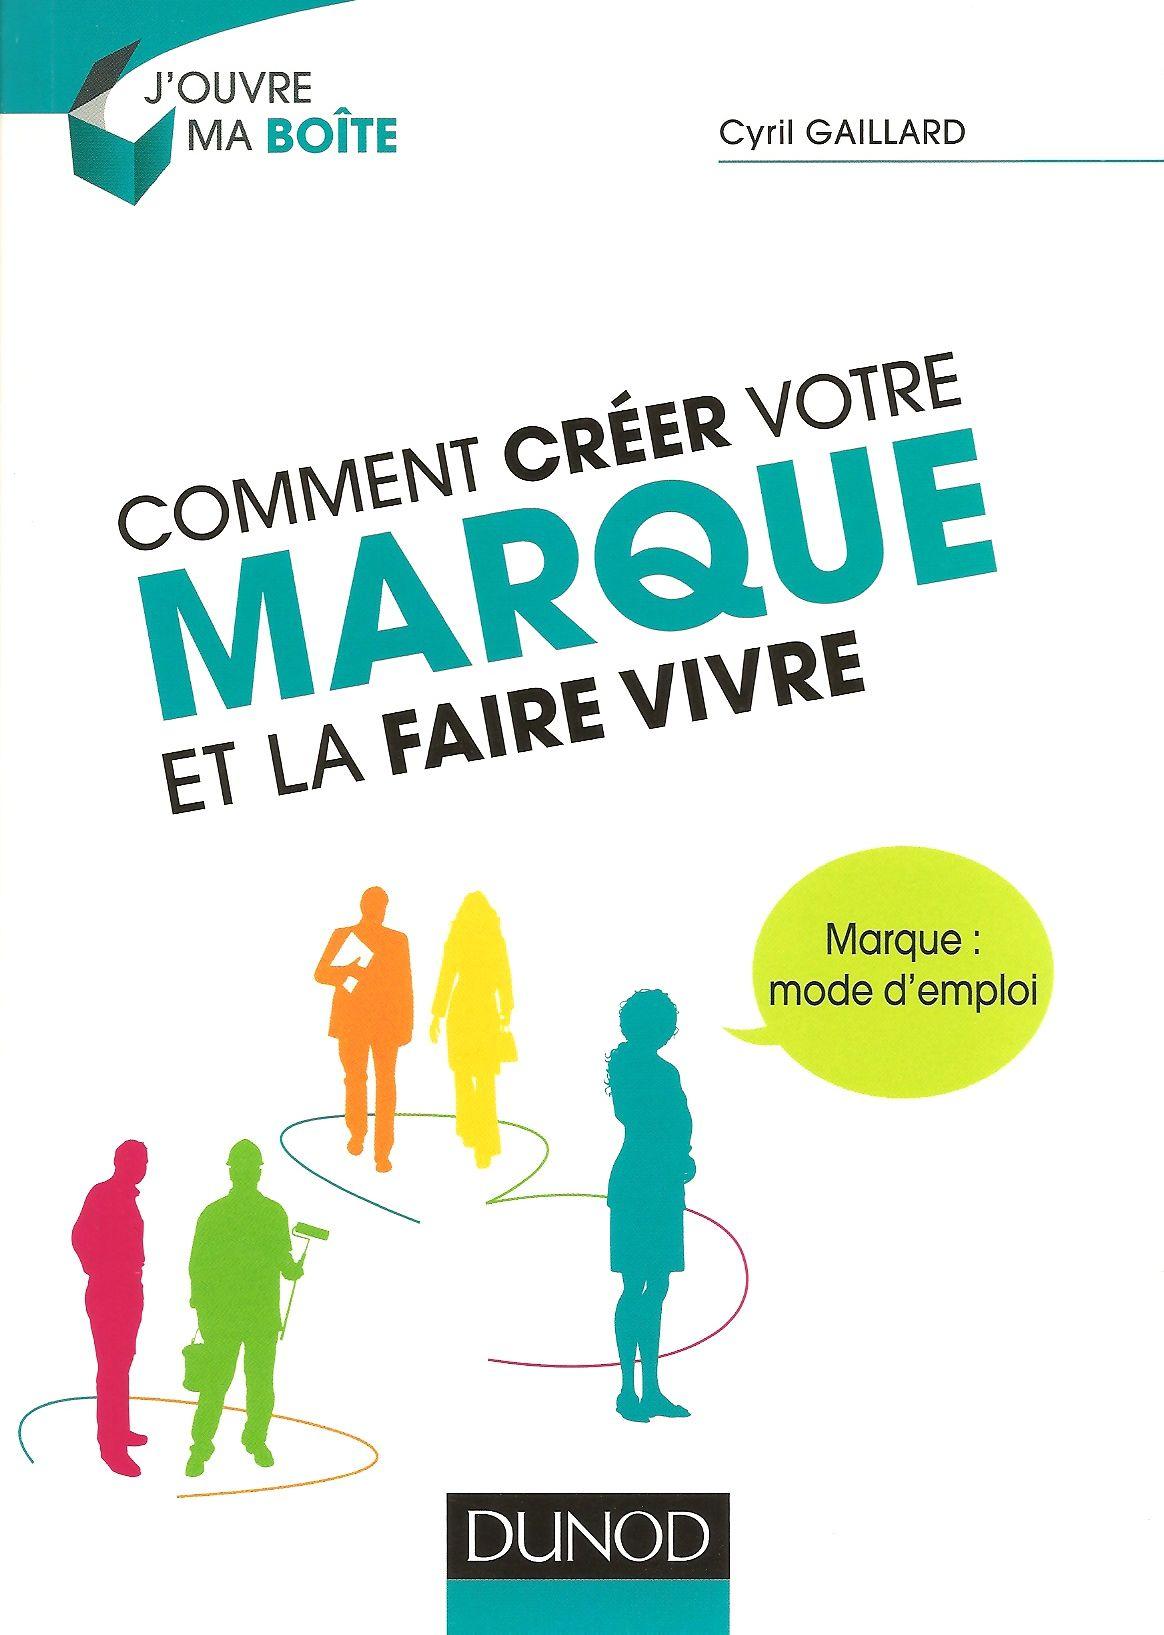 Critique de Comment créer votre marque et la faire vivre, de Cyril Gaillard, publié chez Dunod